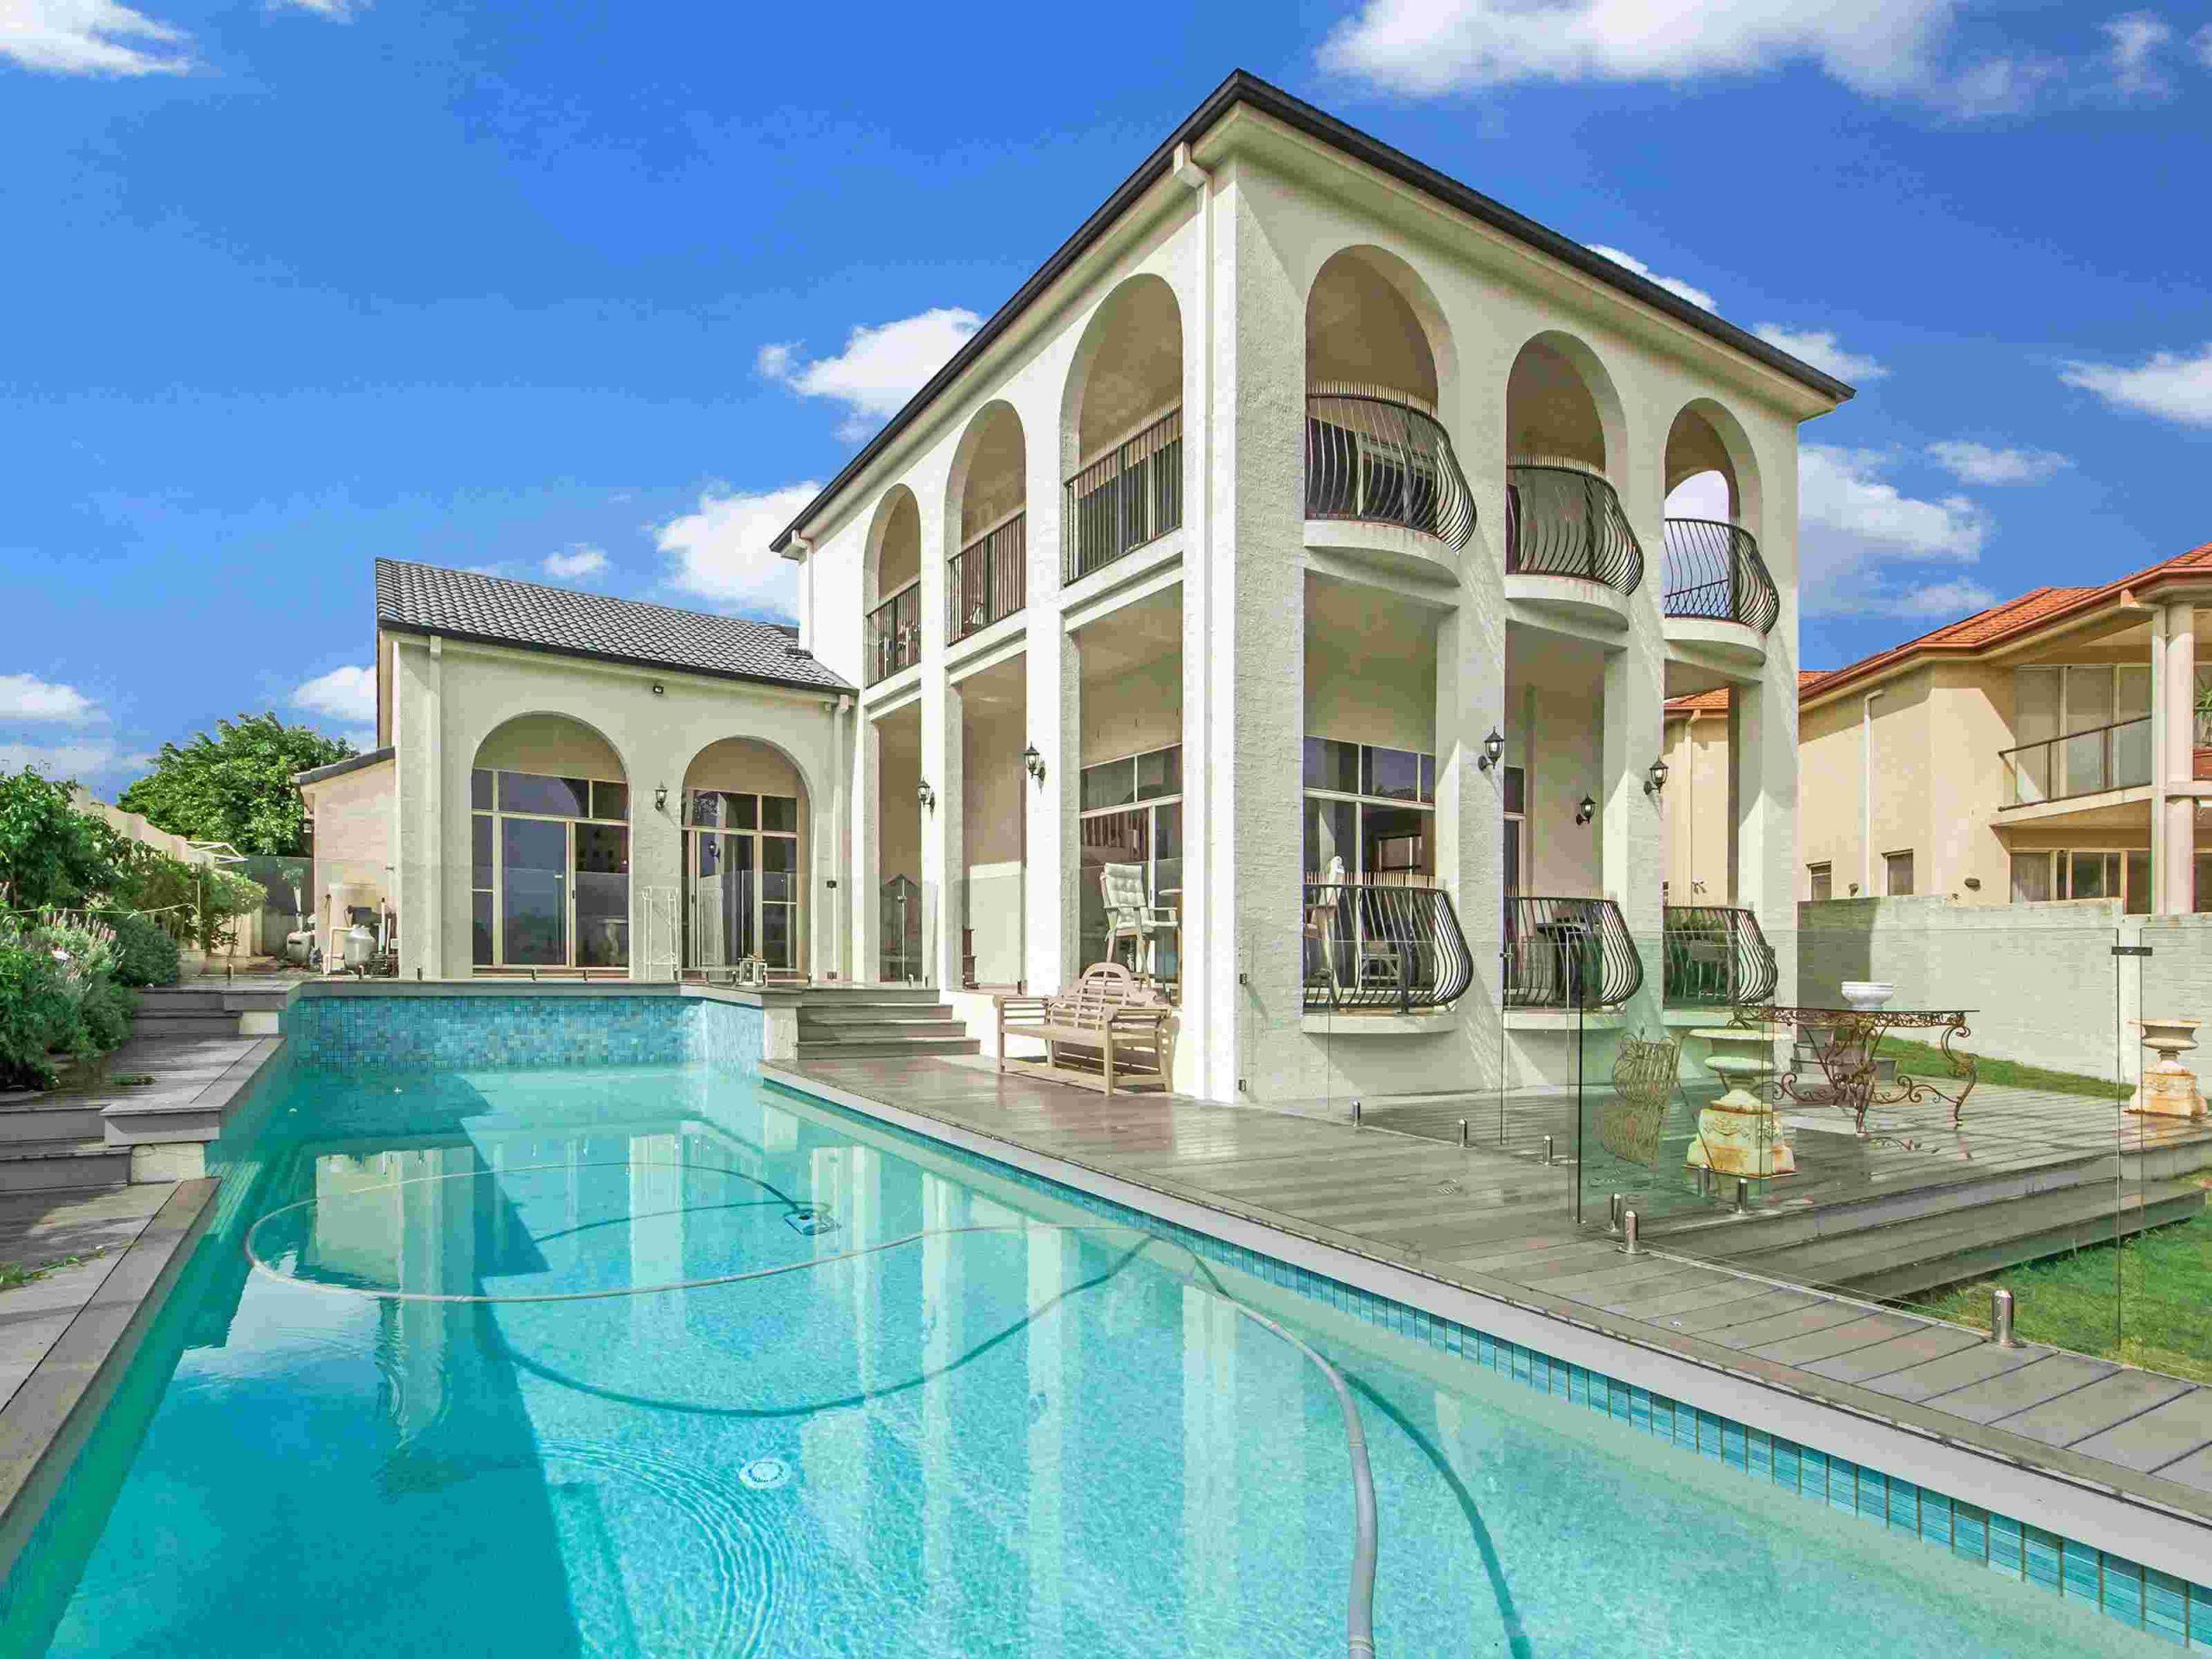 Location de villa de luxe en Côte d'Azur : toujours dans la tendance